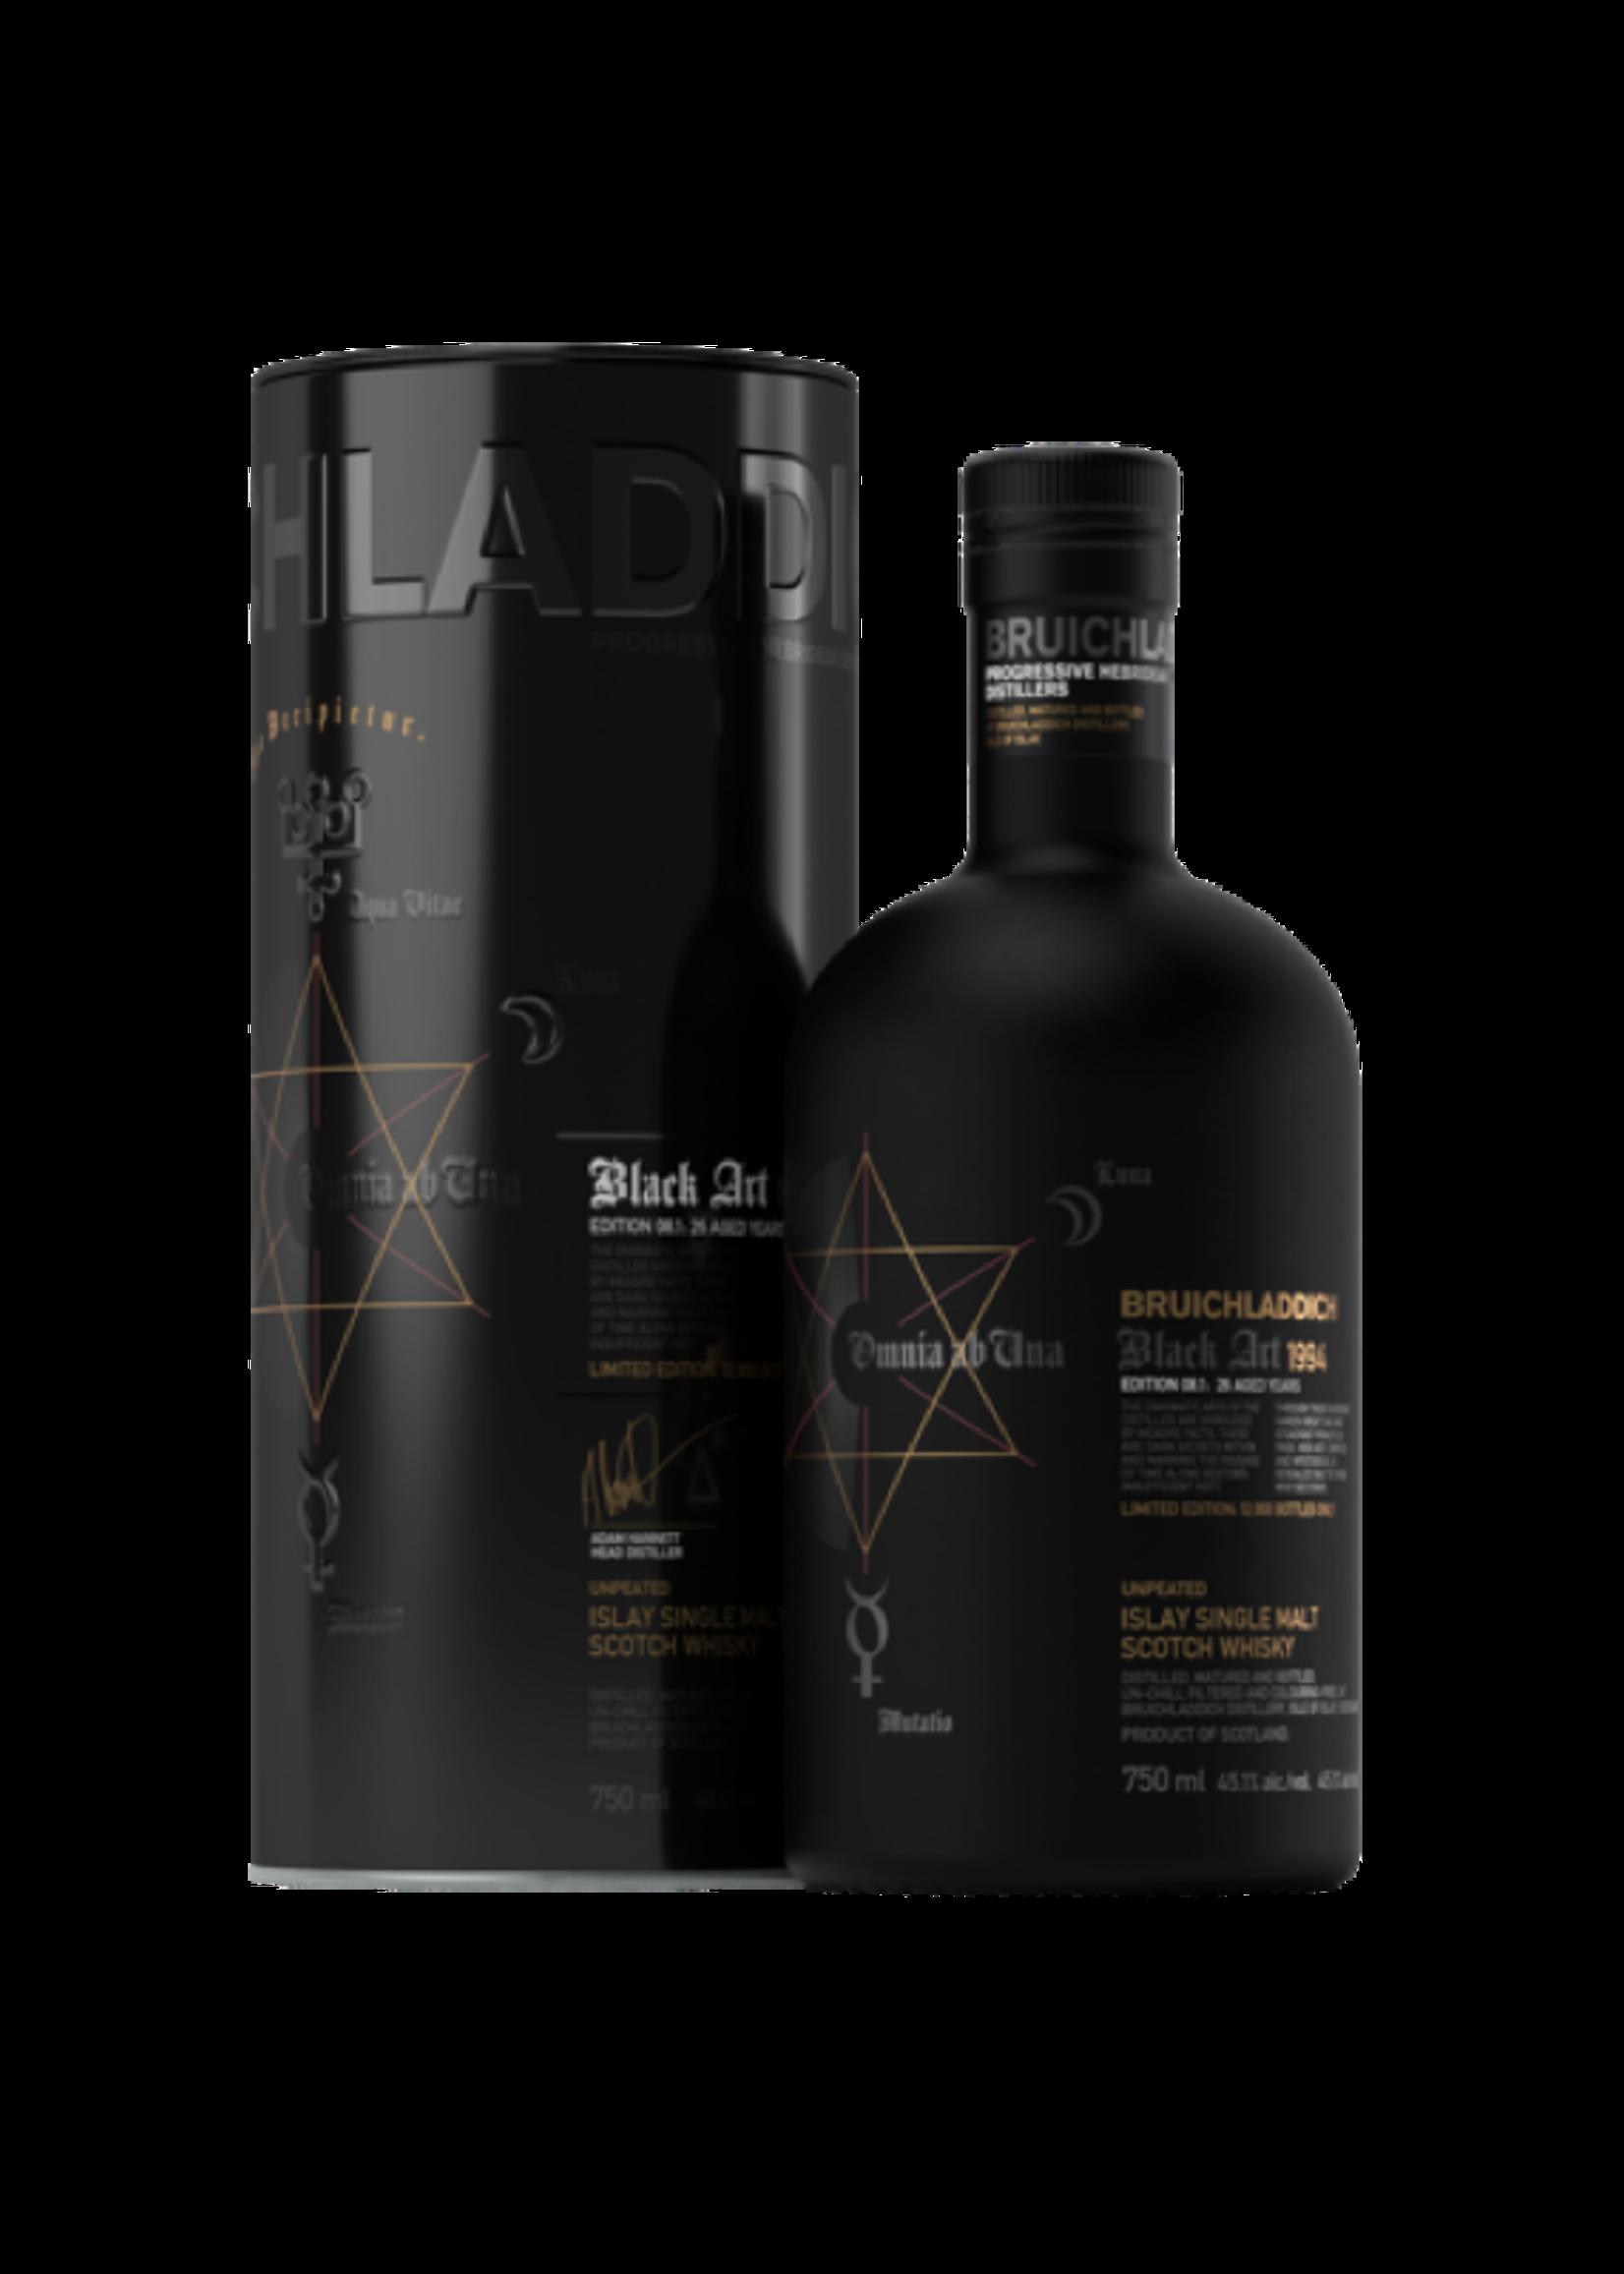 Bruichladdich Bruichladdich / Black Art 8.1  / 750mL